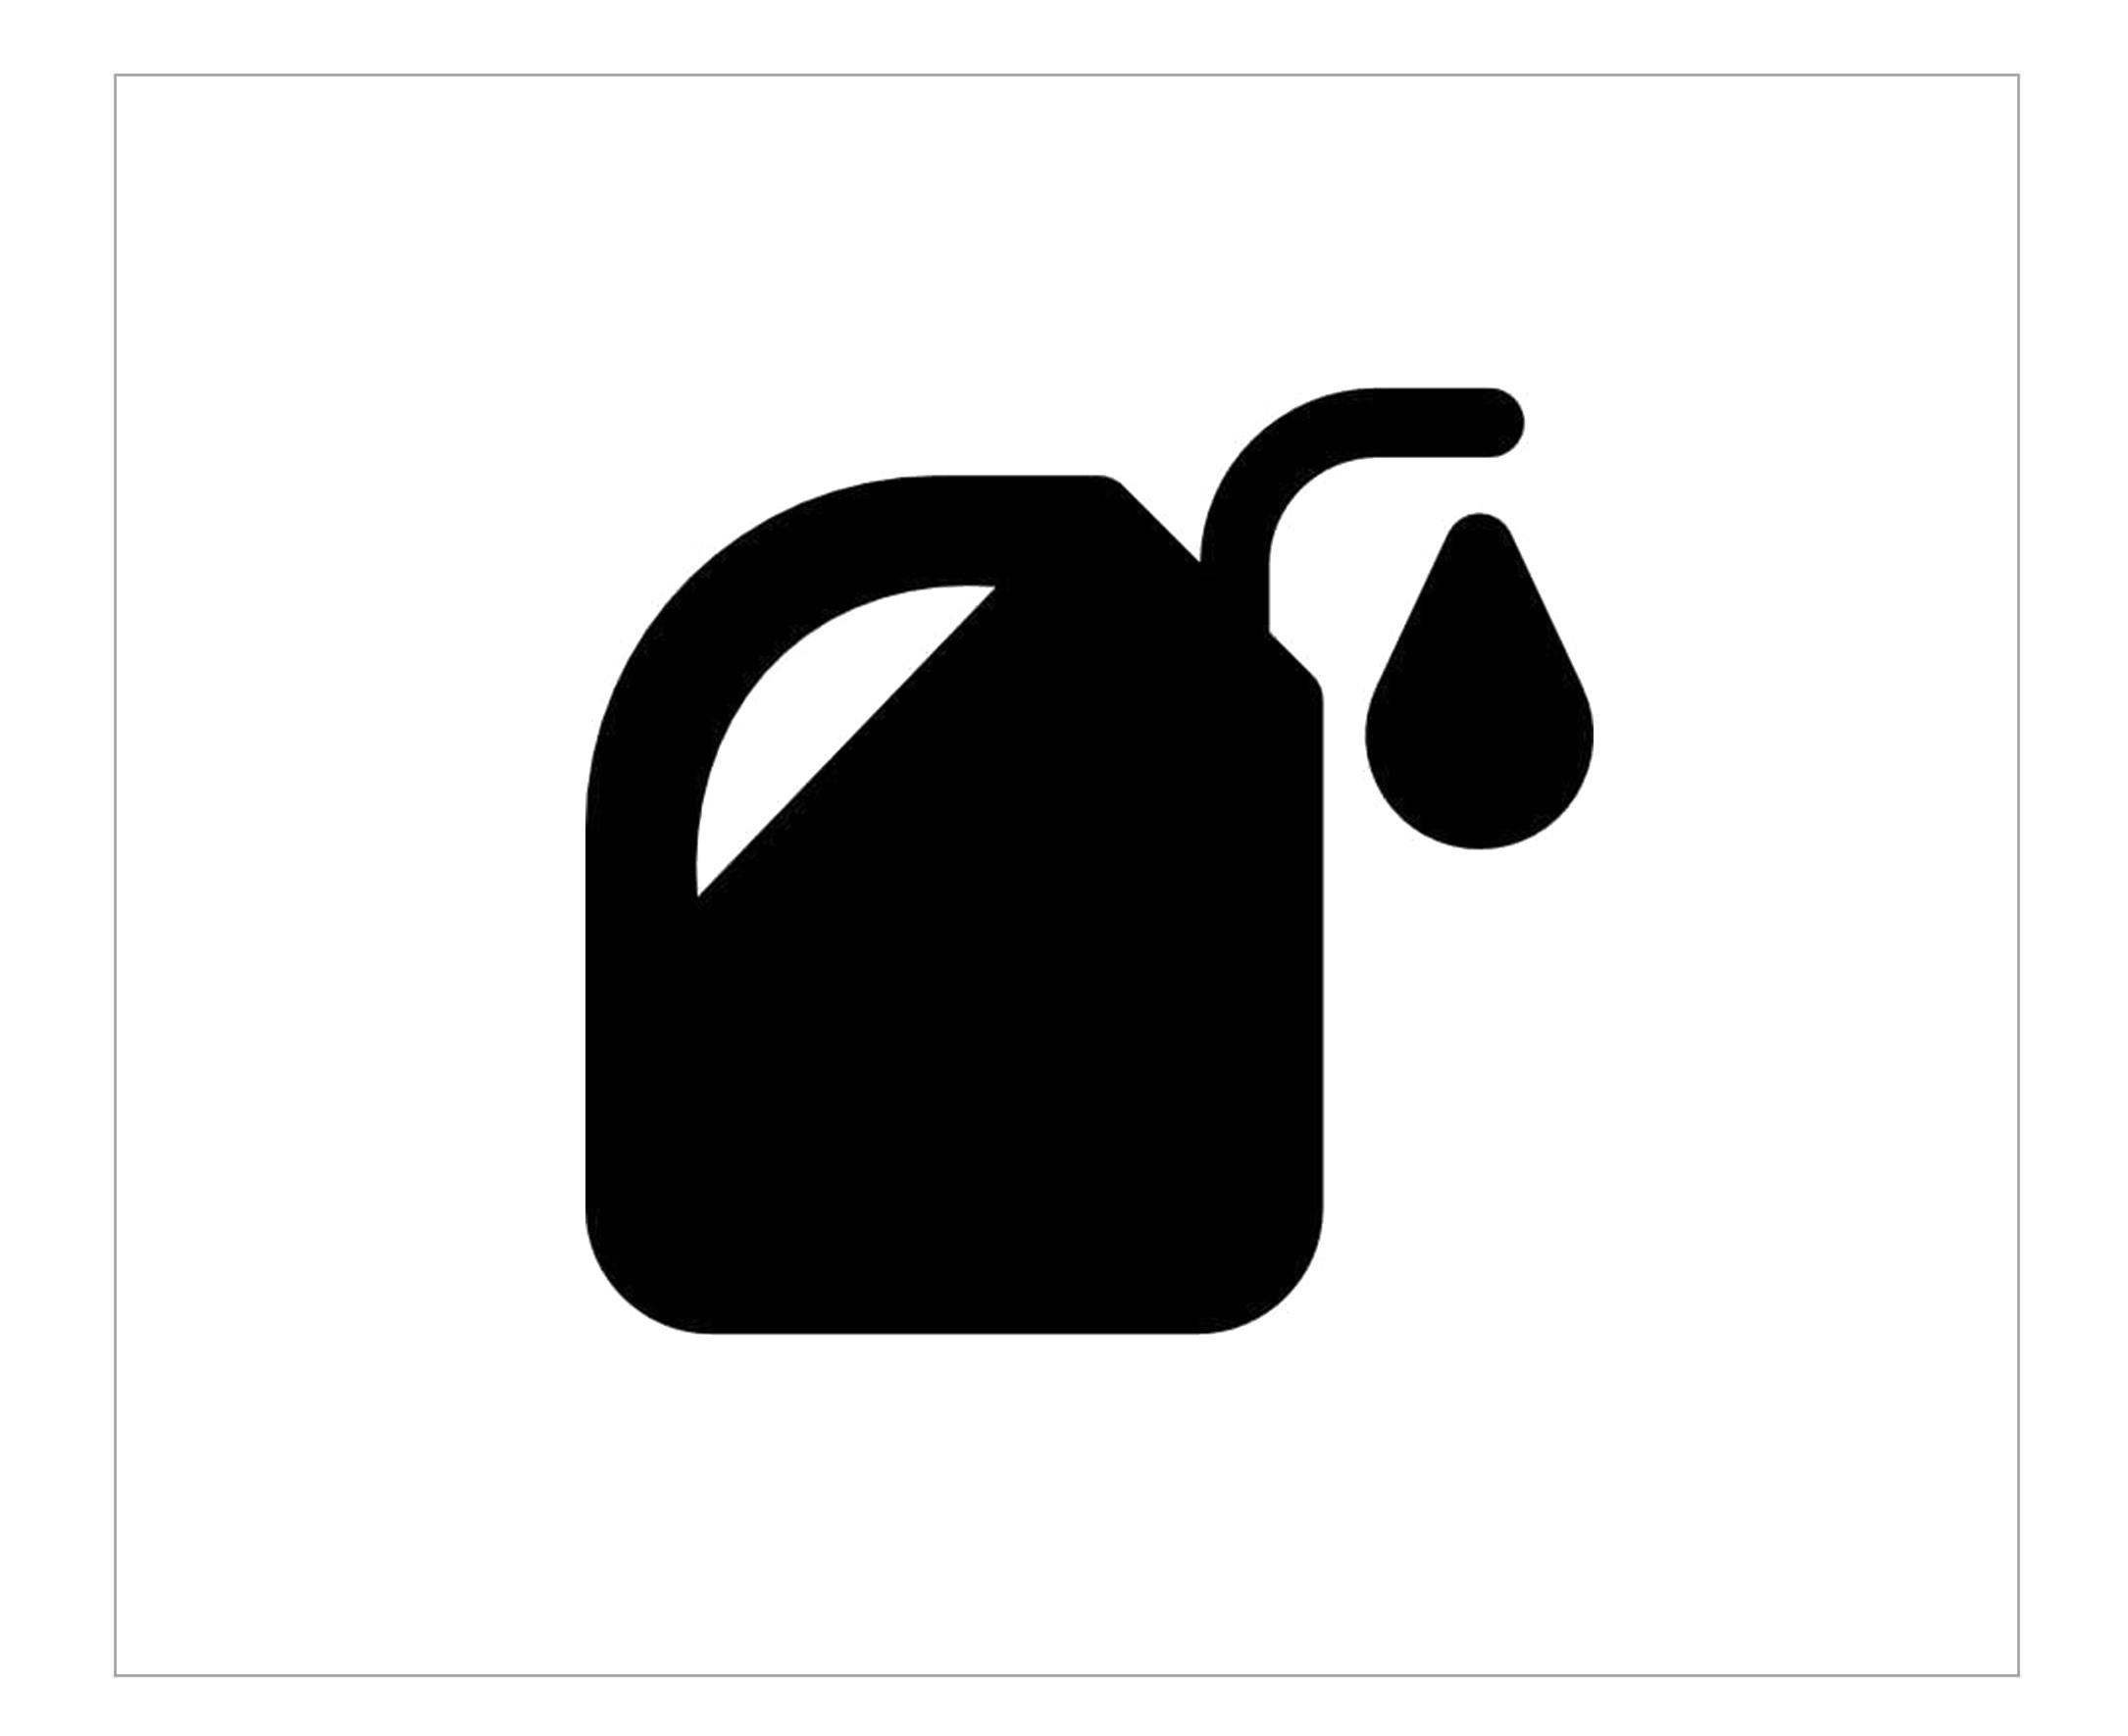 燃料油脂类商标